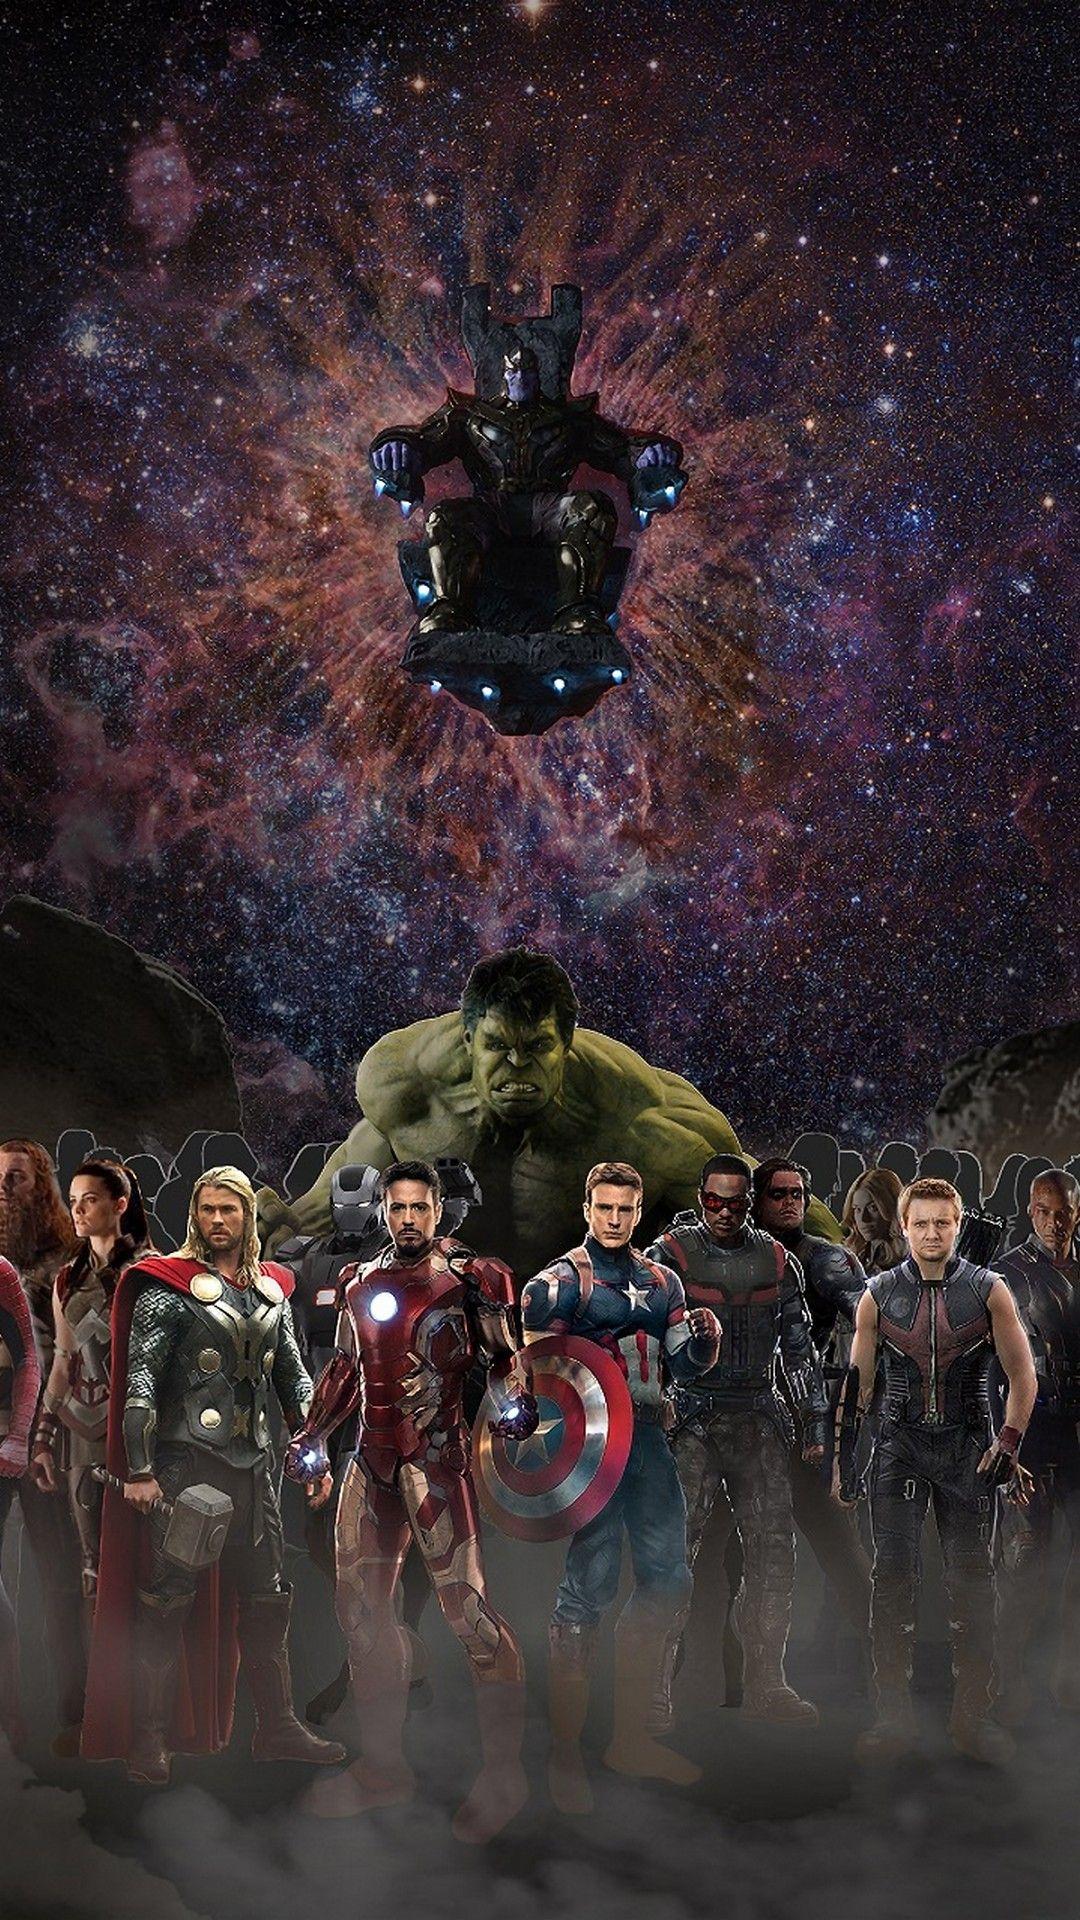 iPhone X Wallpaper Avengers 3 - Best iPhone Wallpaper